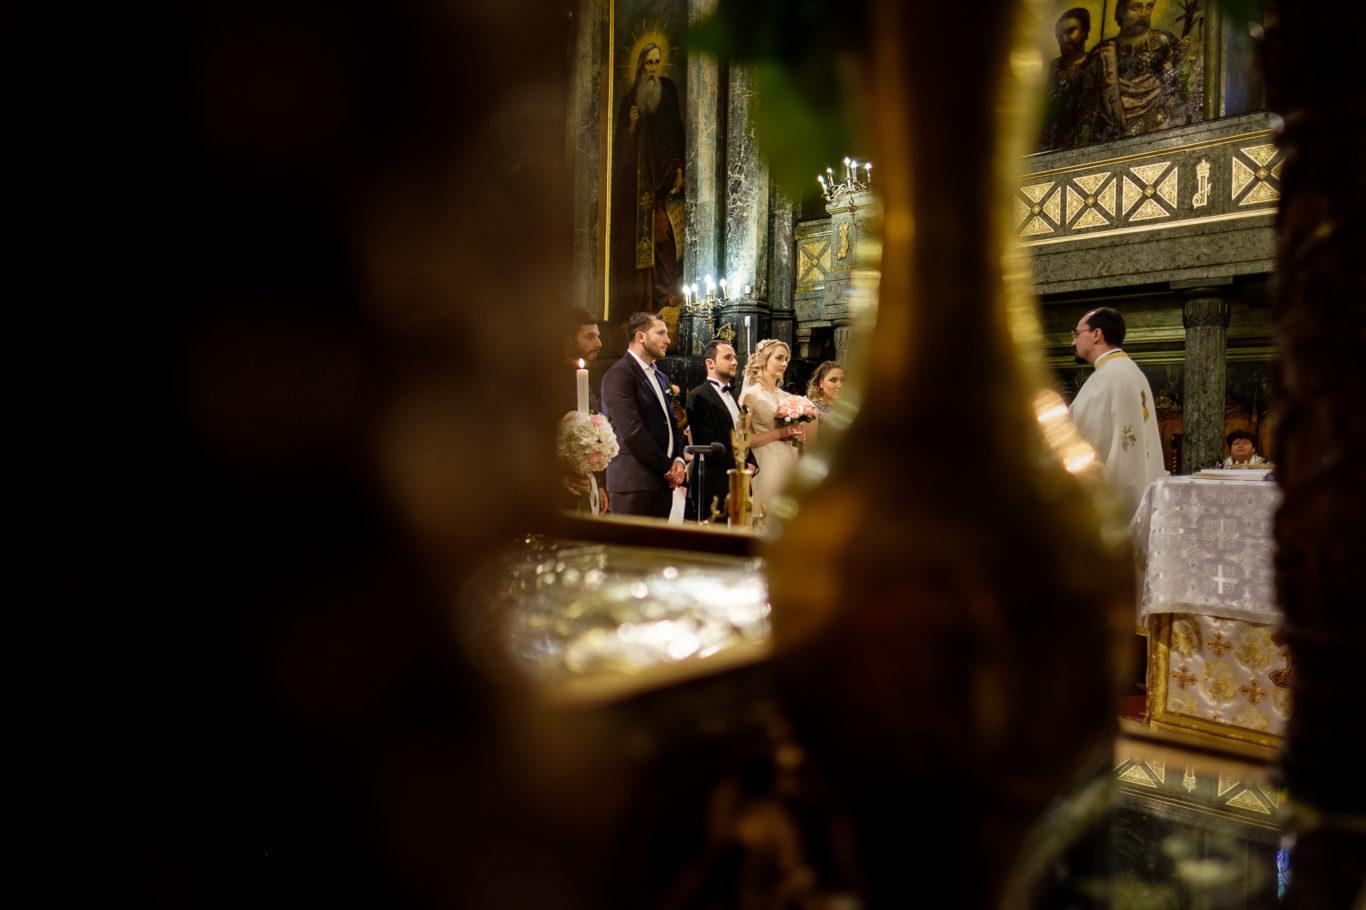 0676-Fotografie-nunta-Mirela-Iulian-fotograf-Ciprian-Dumitrescu-DSCF1045